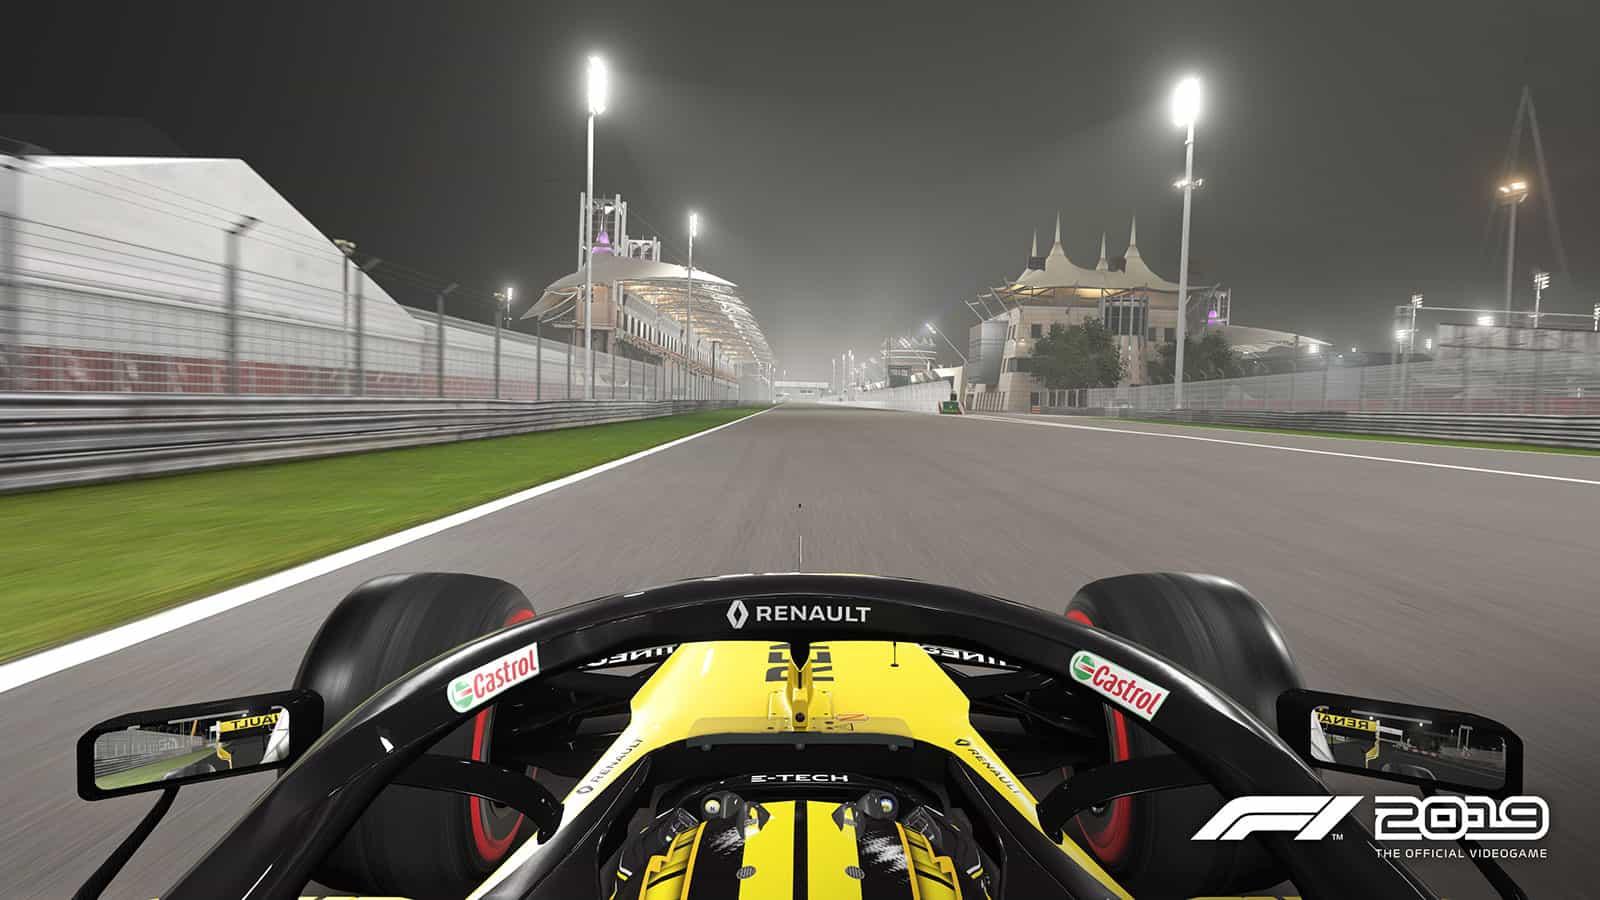 F1 2019: Screenshot